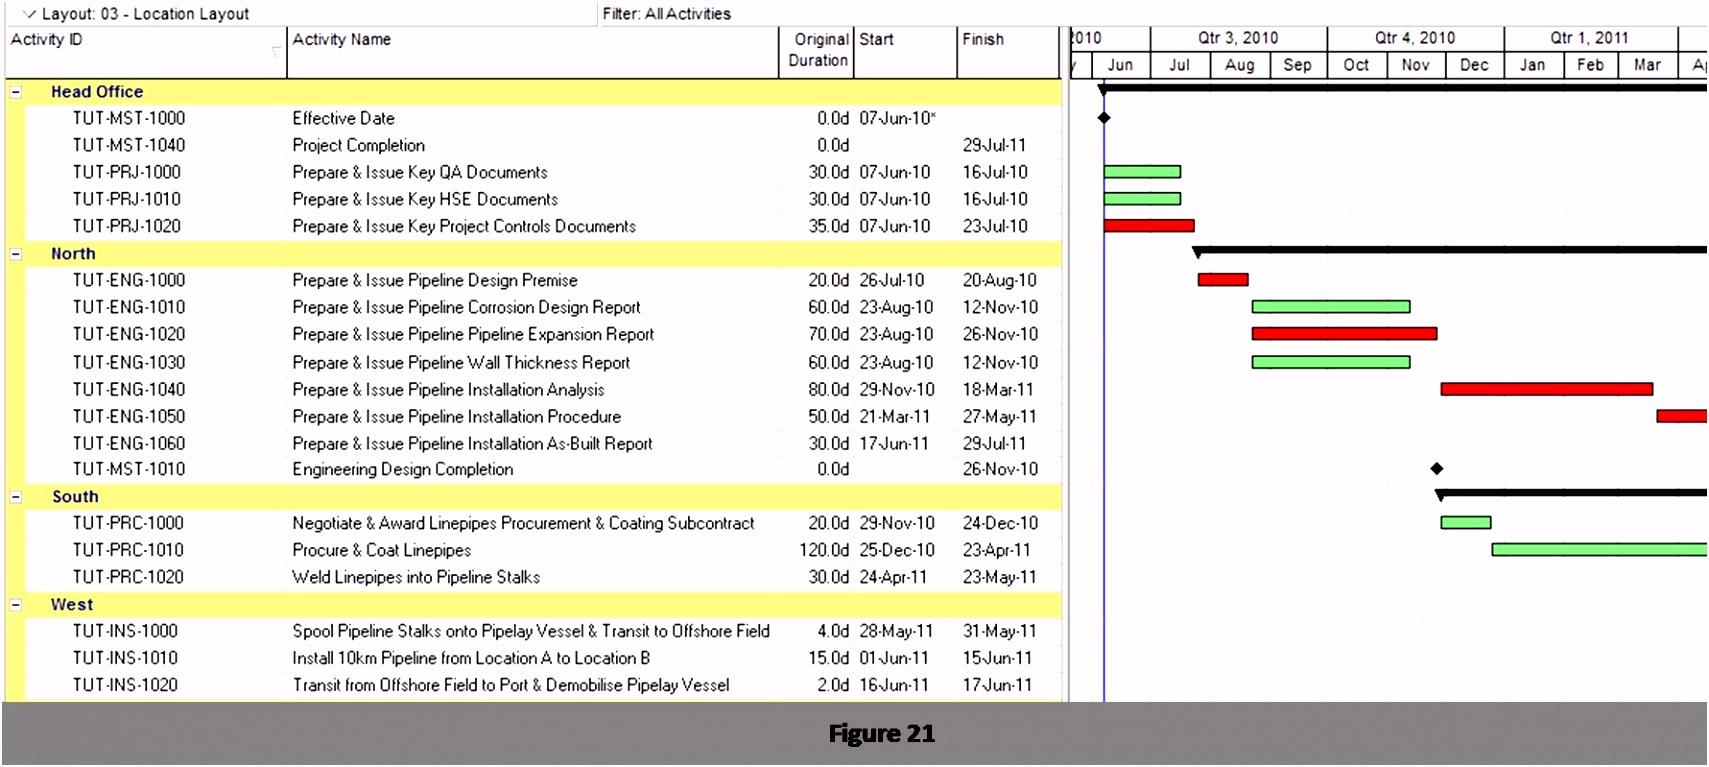 61 Fertig Dienstplan Vorlage Excel Idee